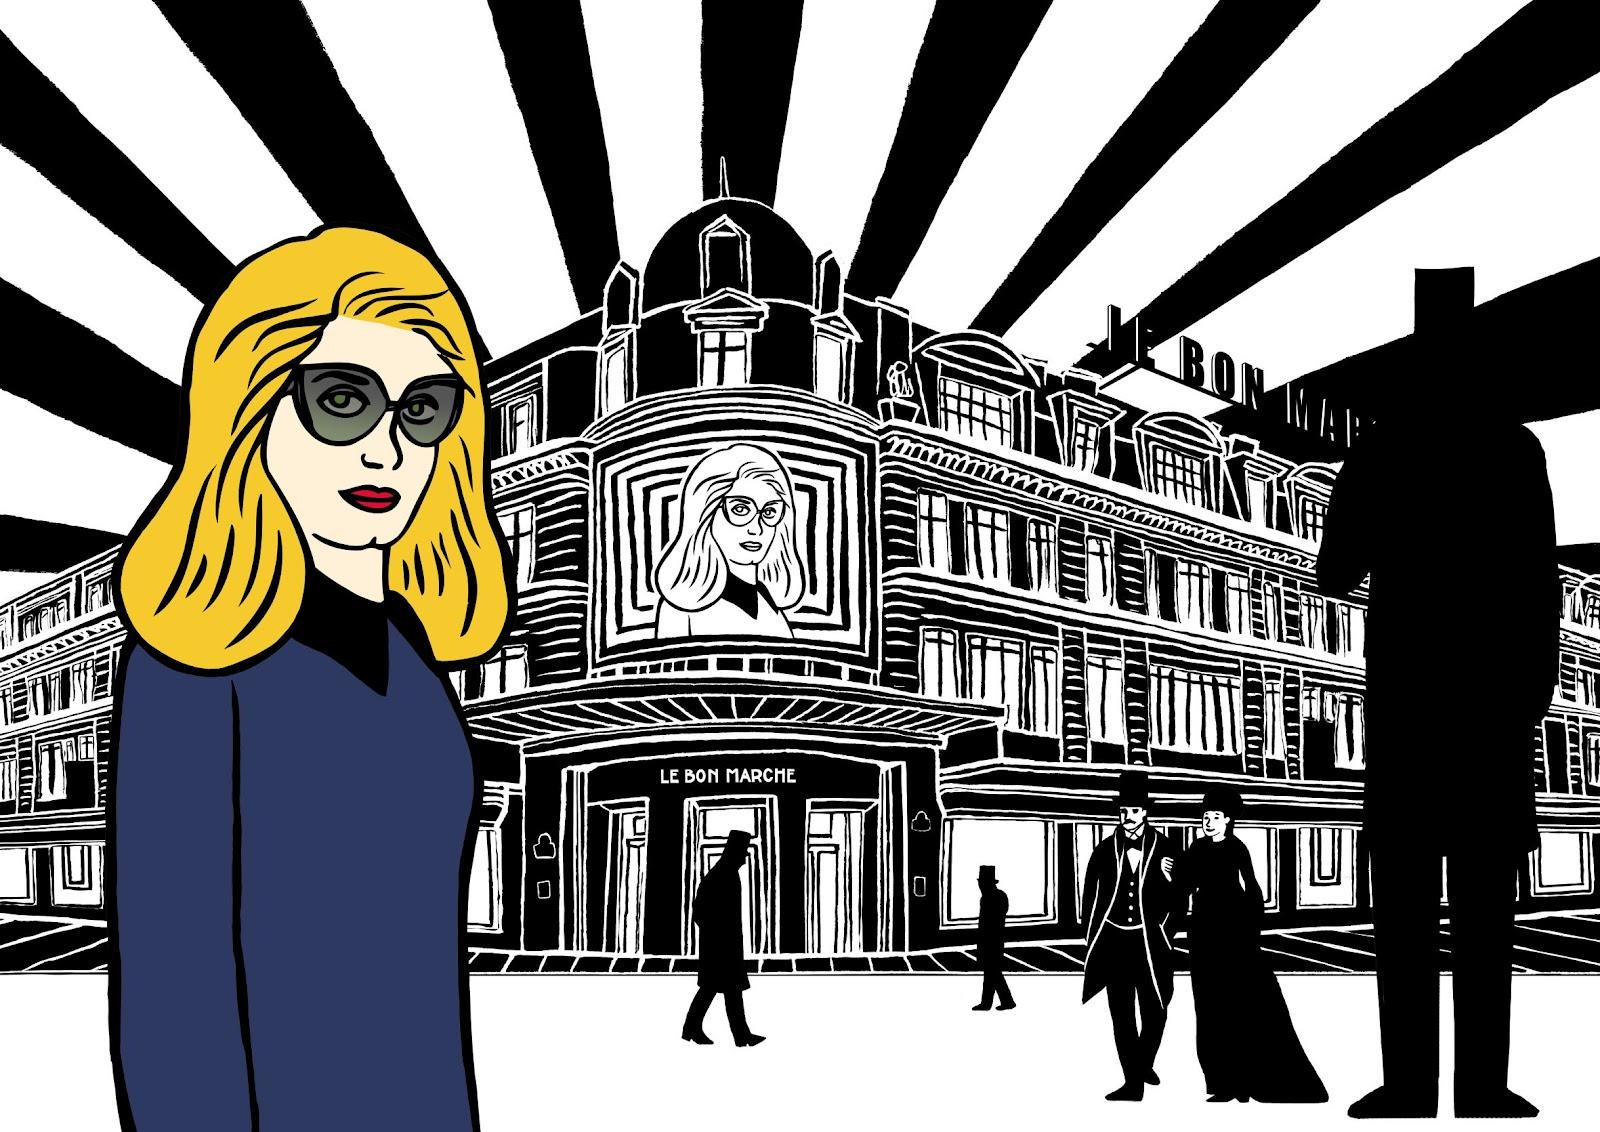 Le bon march turns 160 with catherine deneuve the parisian eye - Le bon marche rive gauche ...